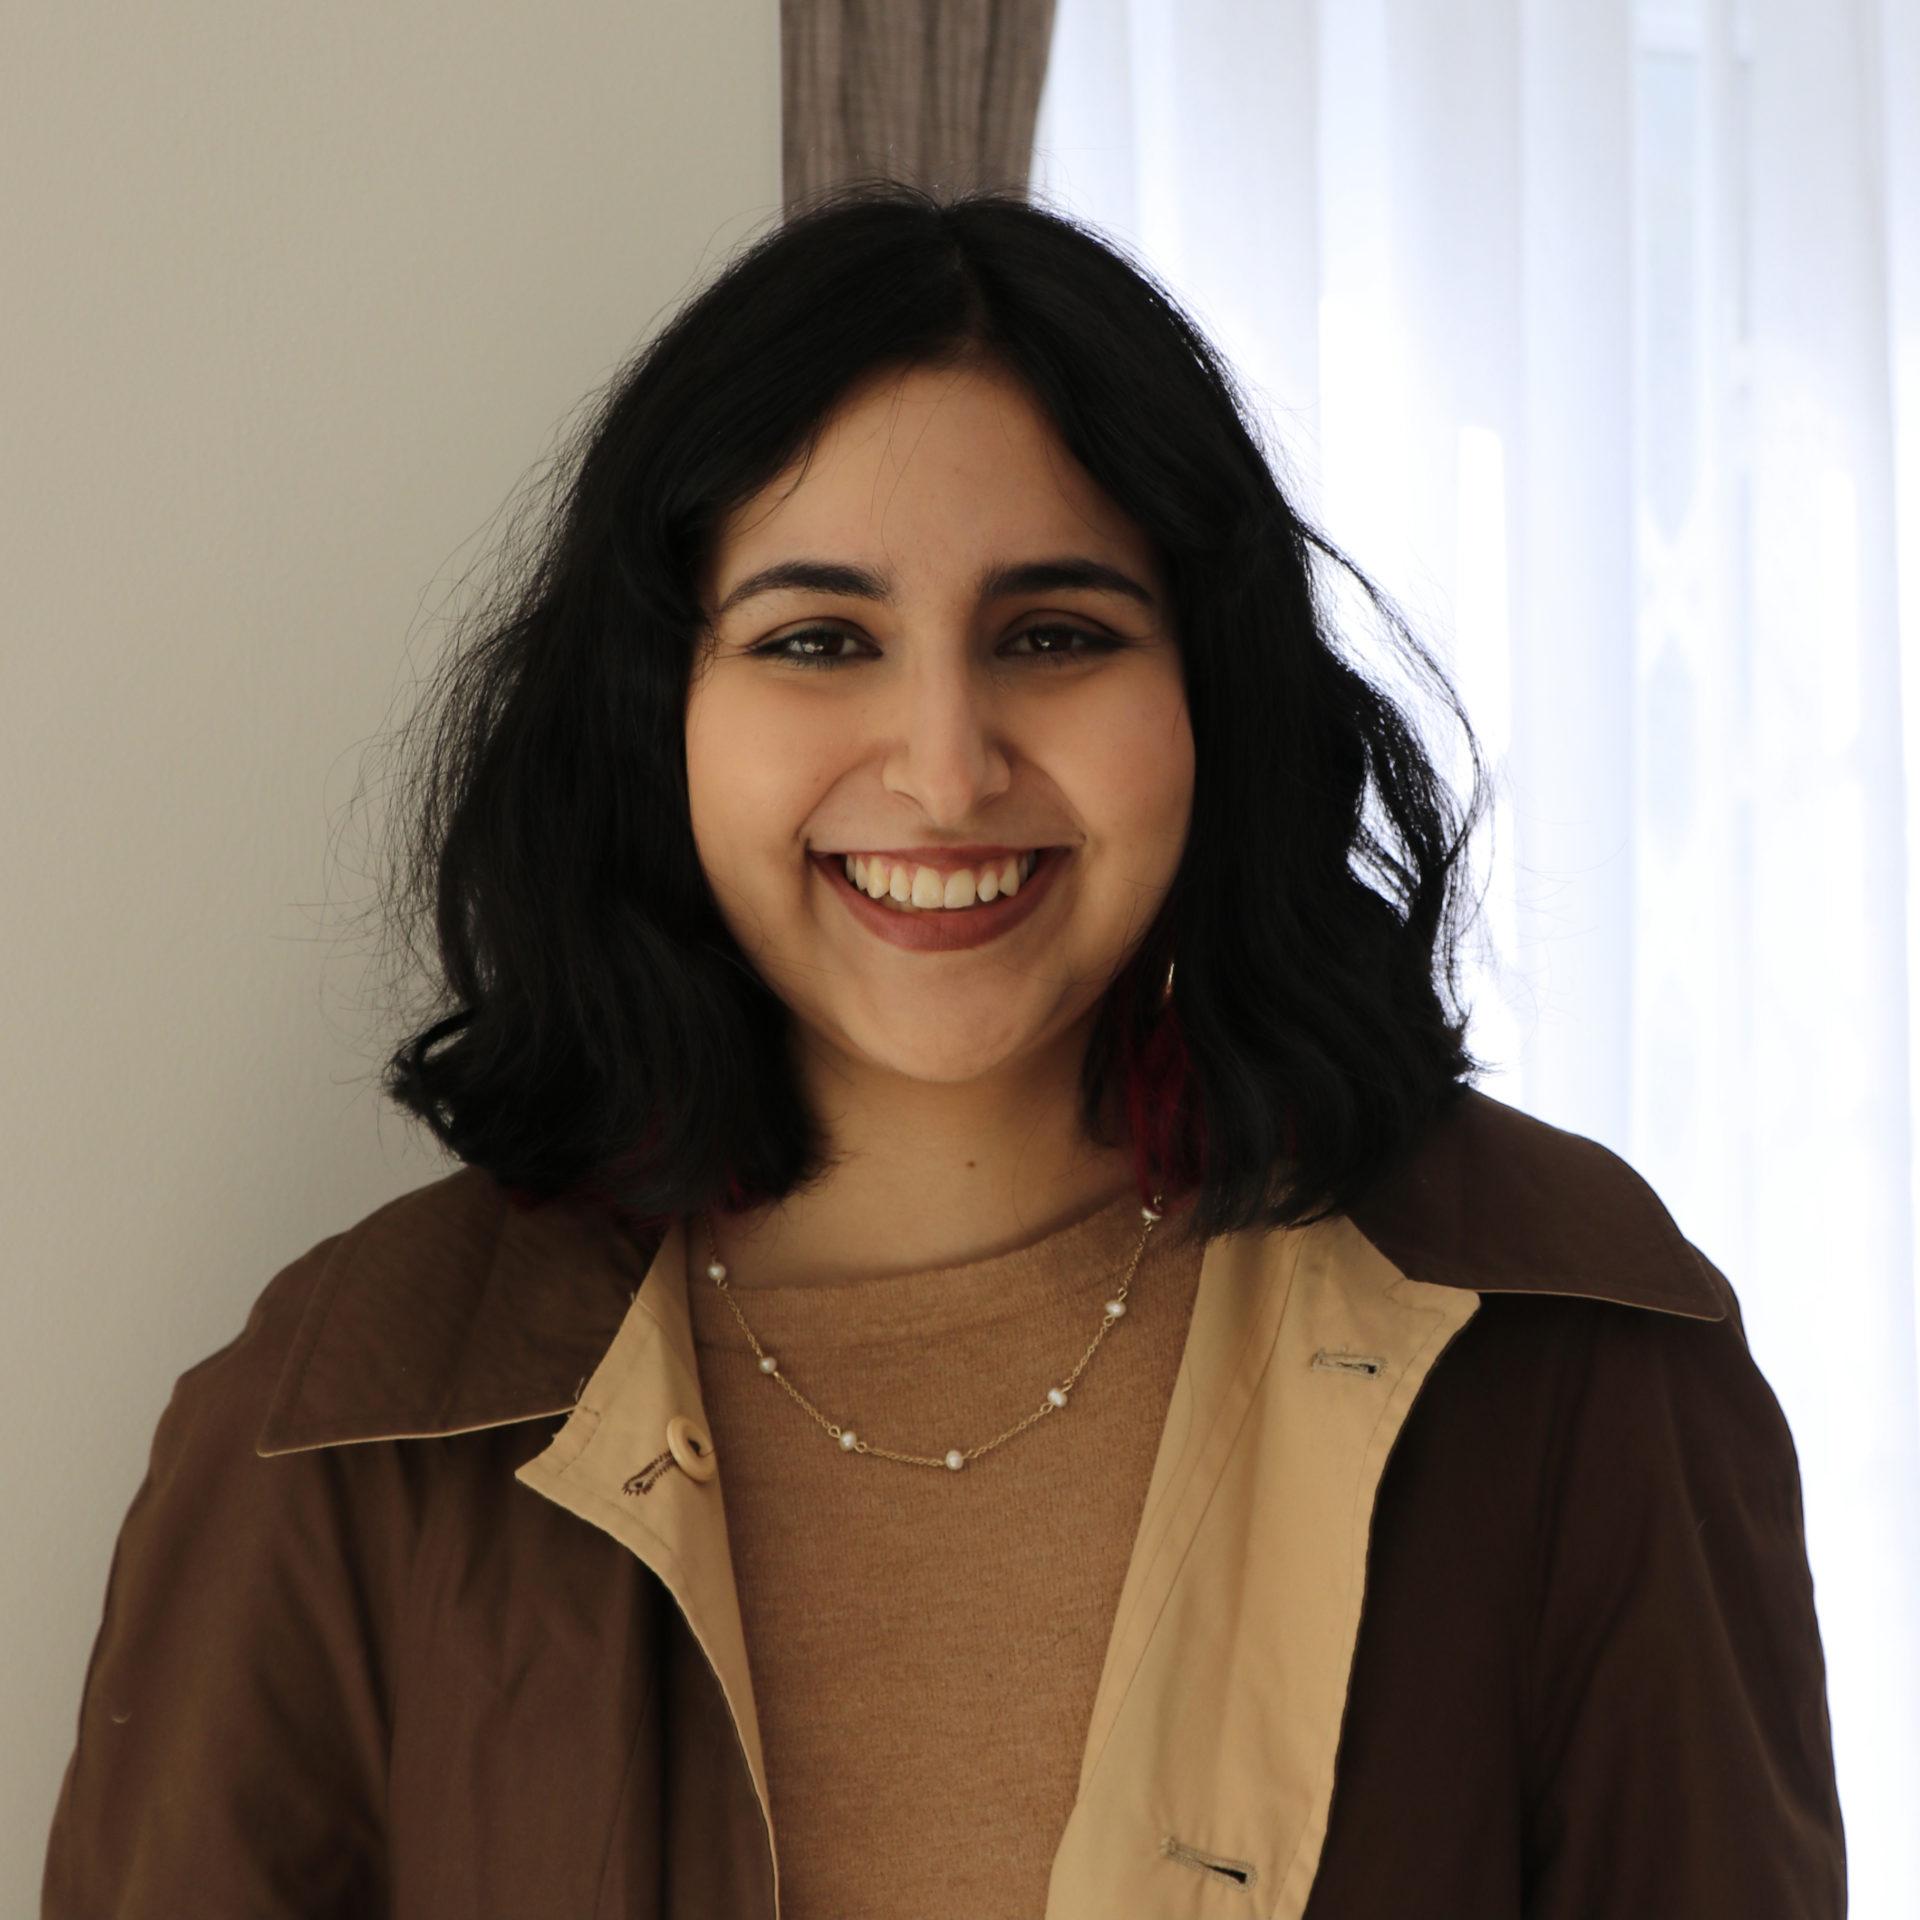 Nabeela Karm